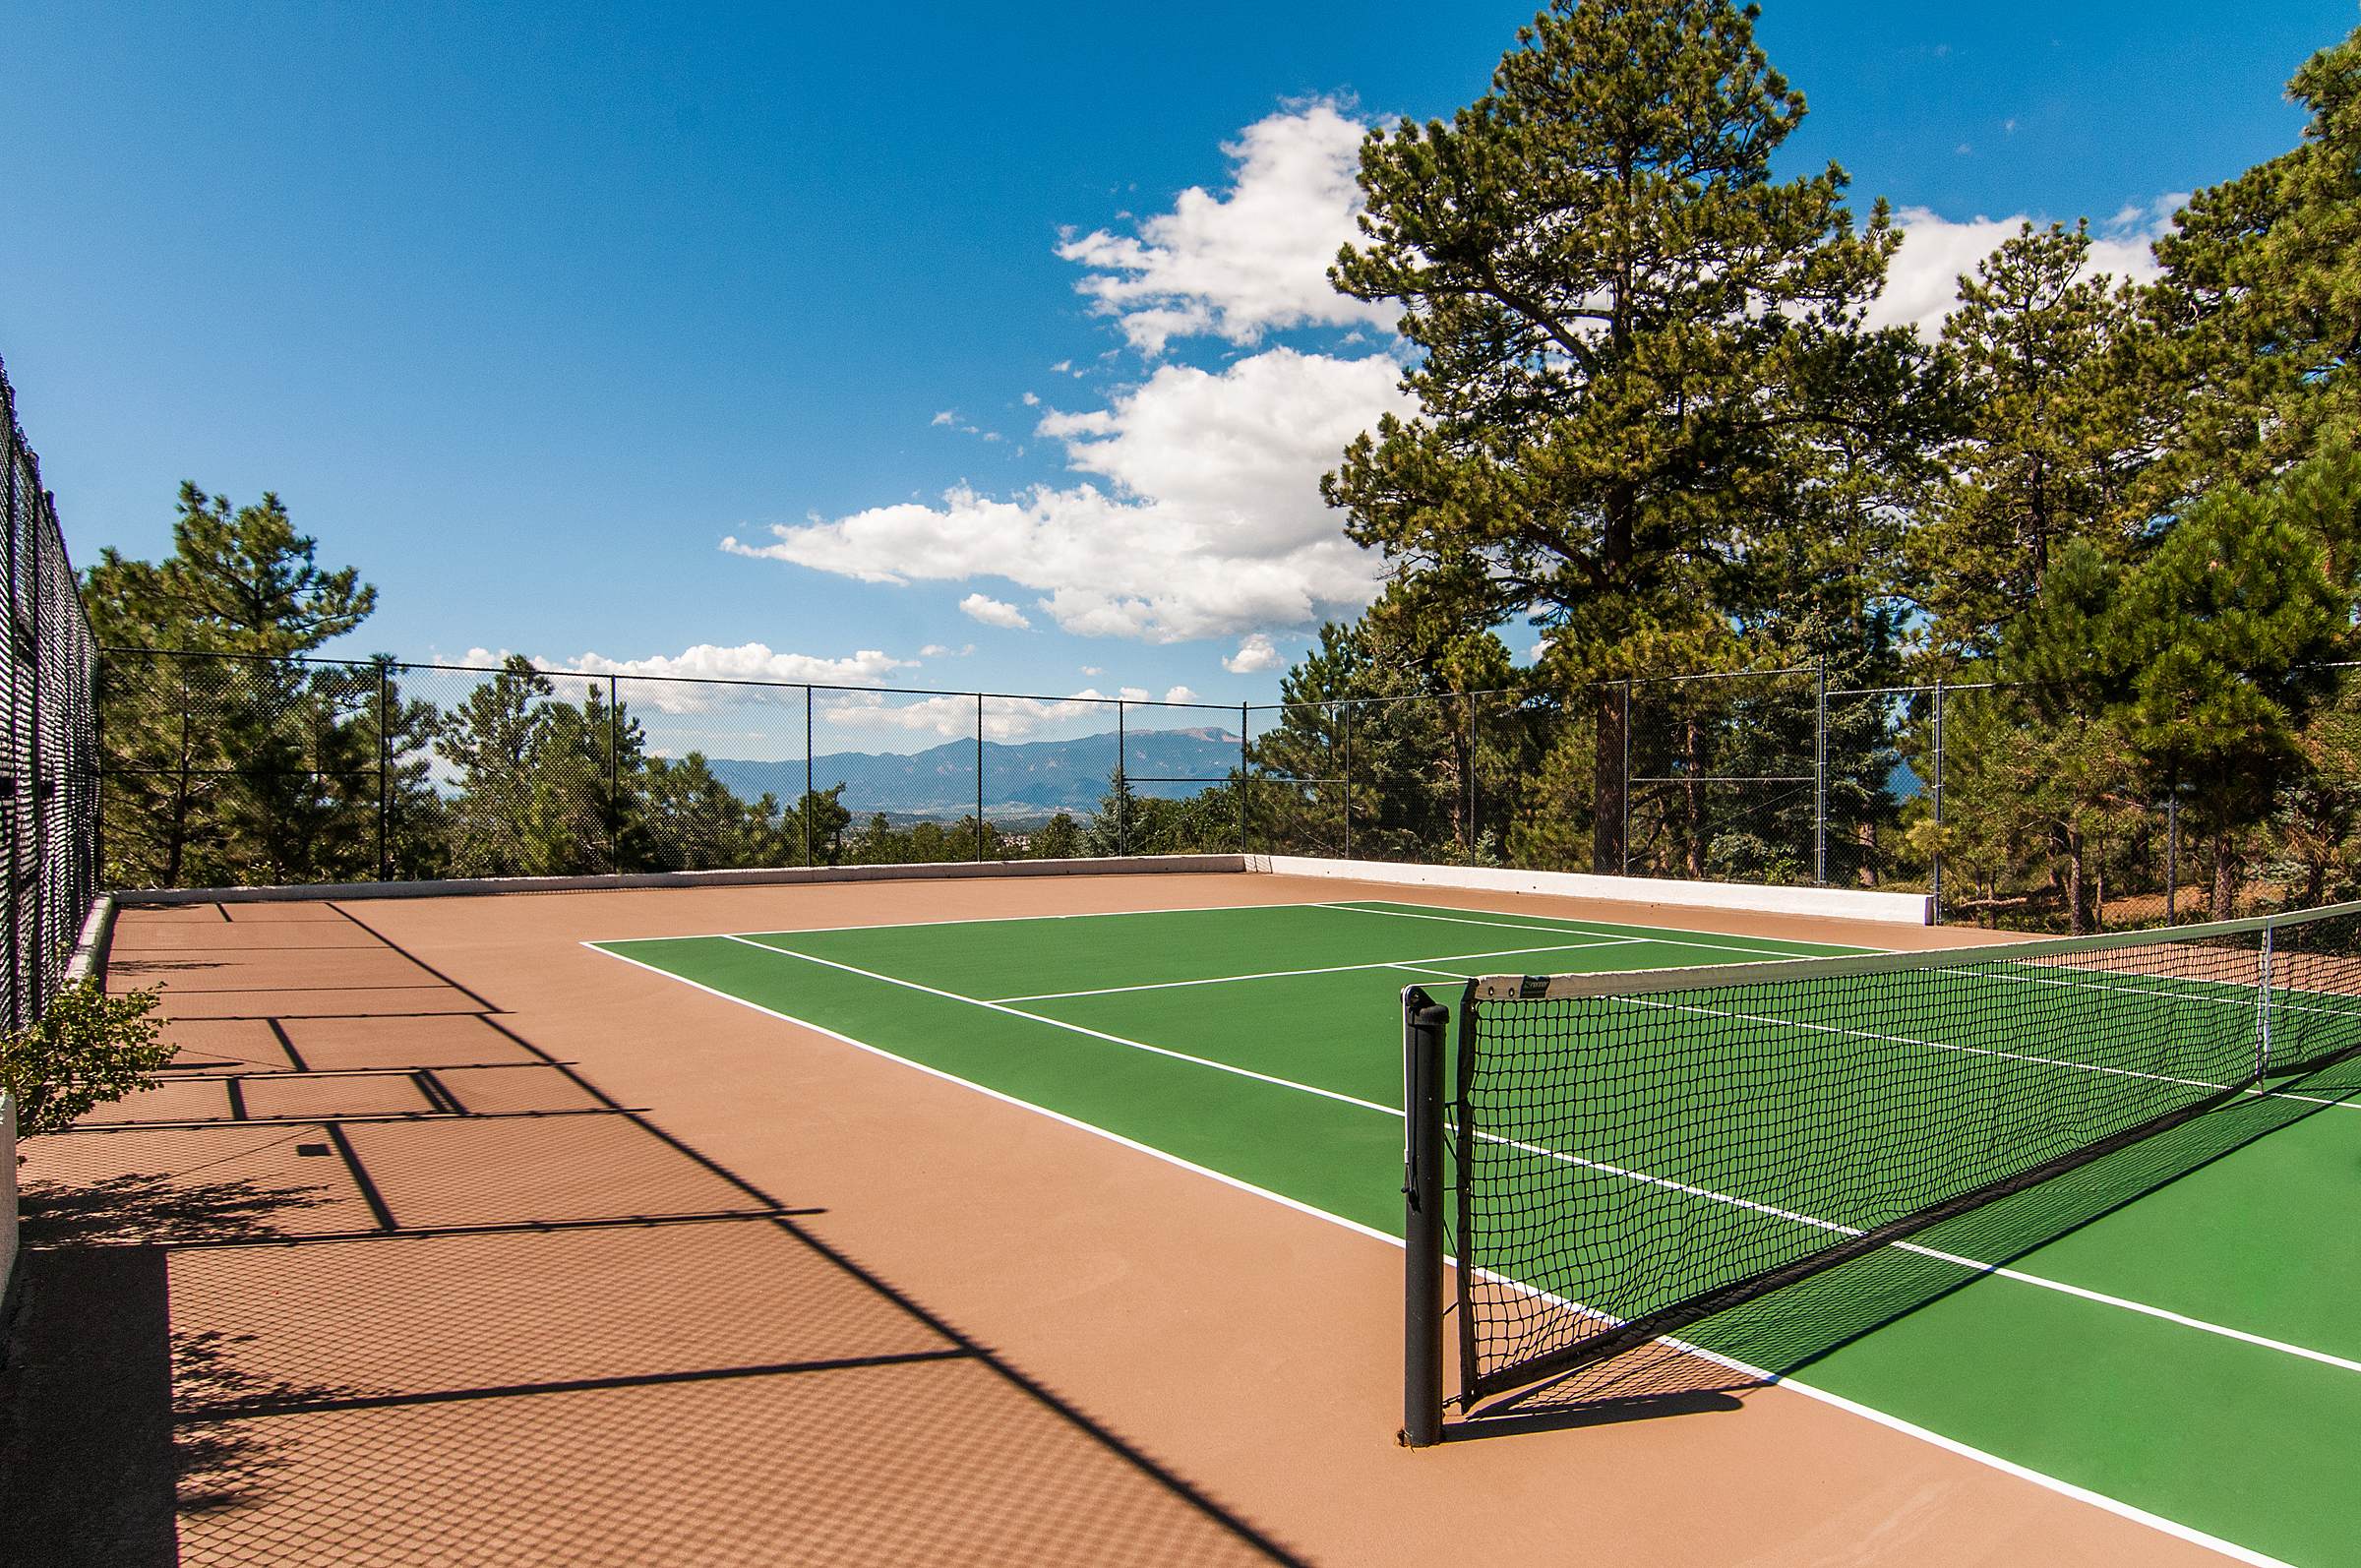 1394659_Tennis-Court_high.jpg